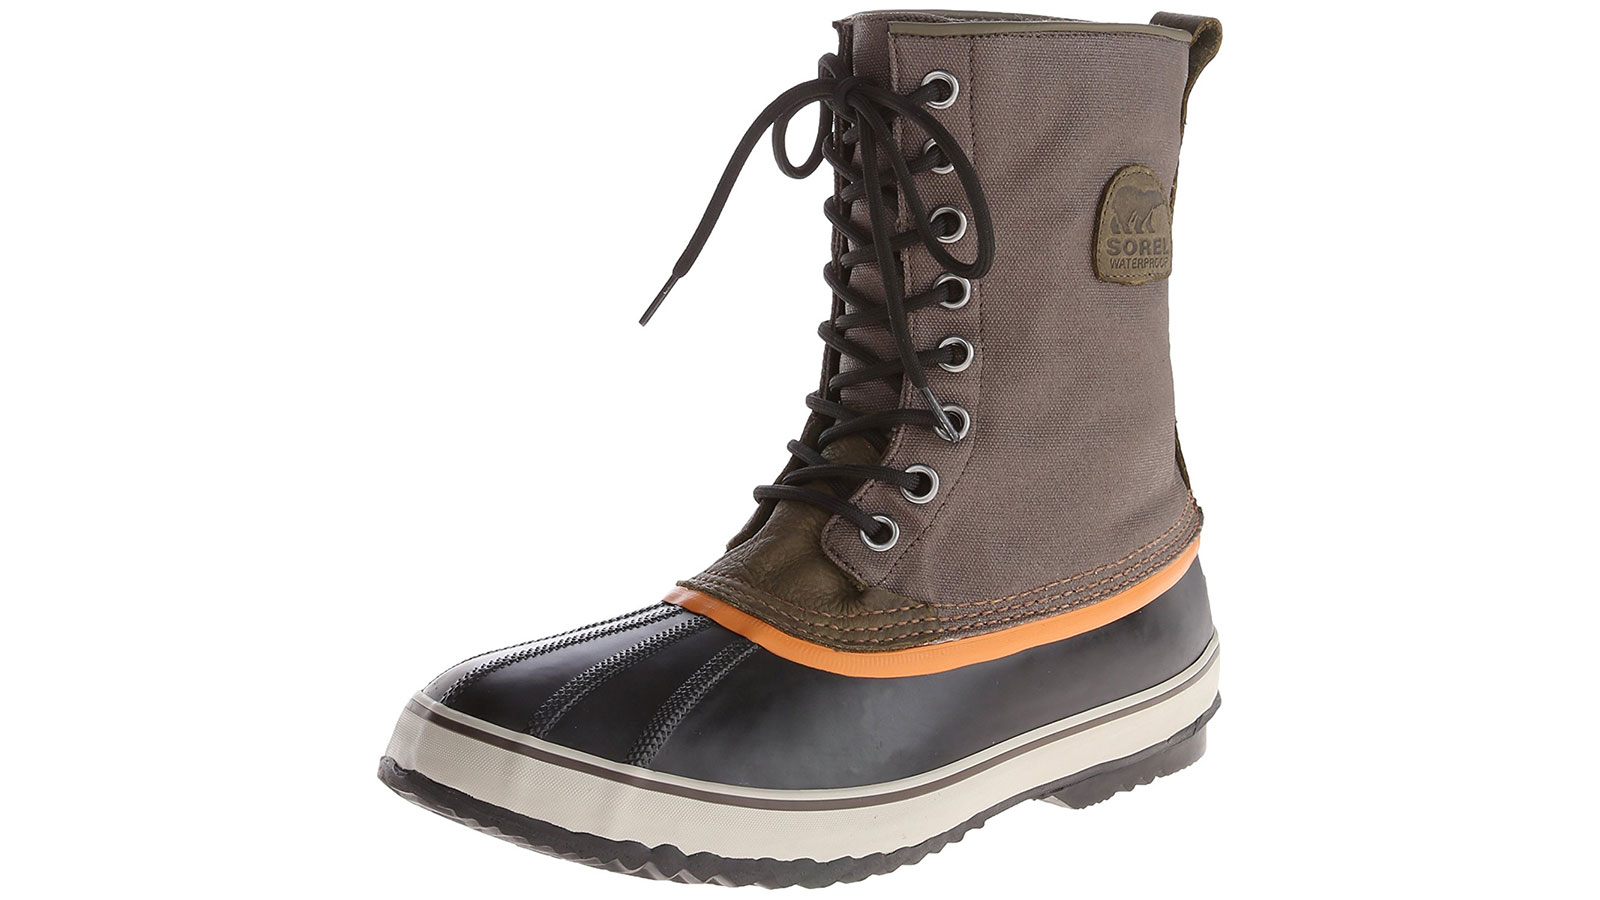 Sorel 1964 Premium CVS Men's Waterproof Boot | the best men's waterproof boots